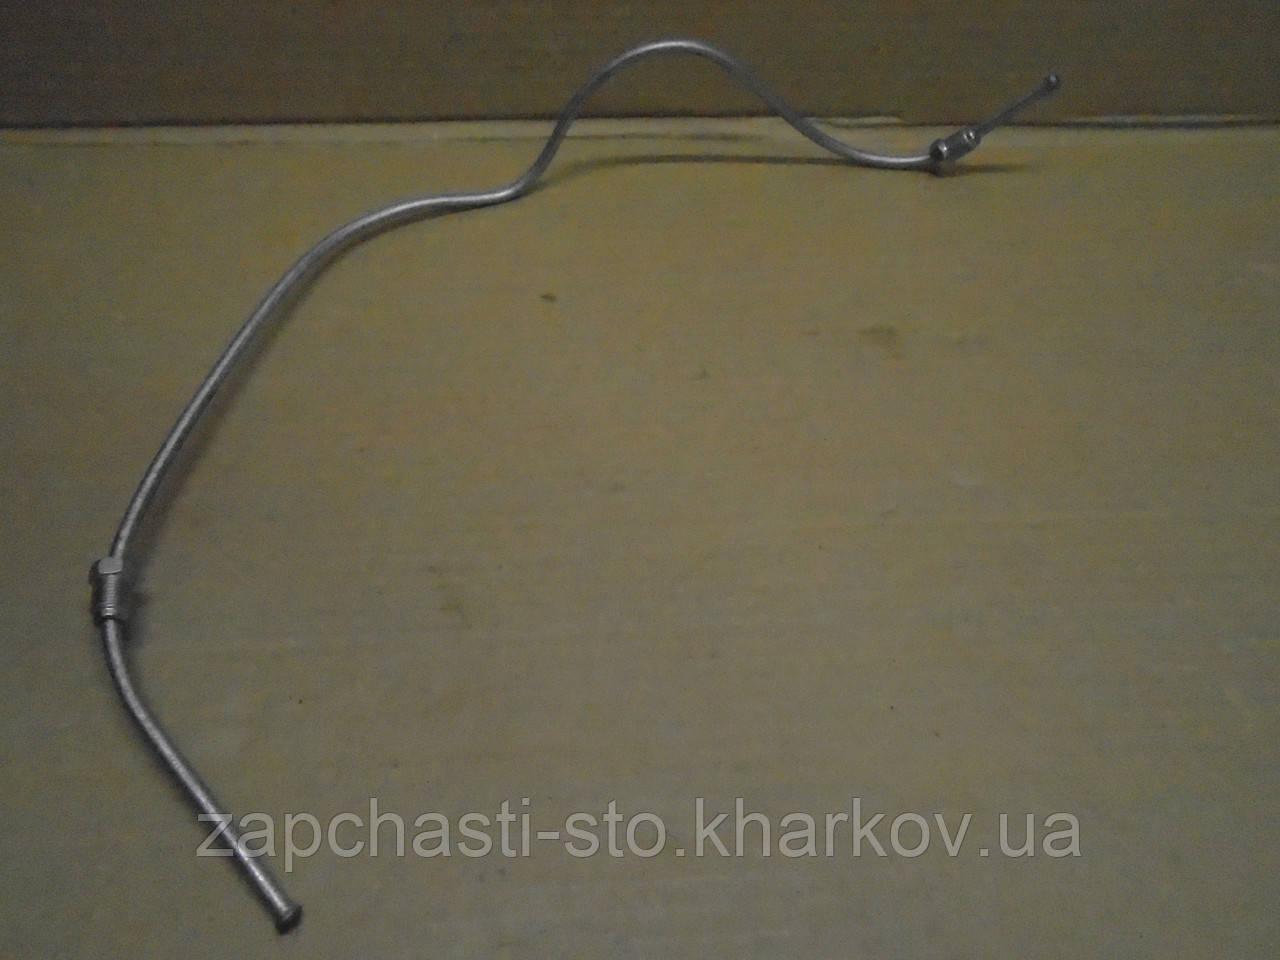 Тормозная трубка правая задняя Ланос, Сенс 1шт UA